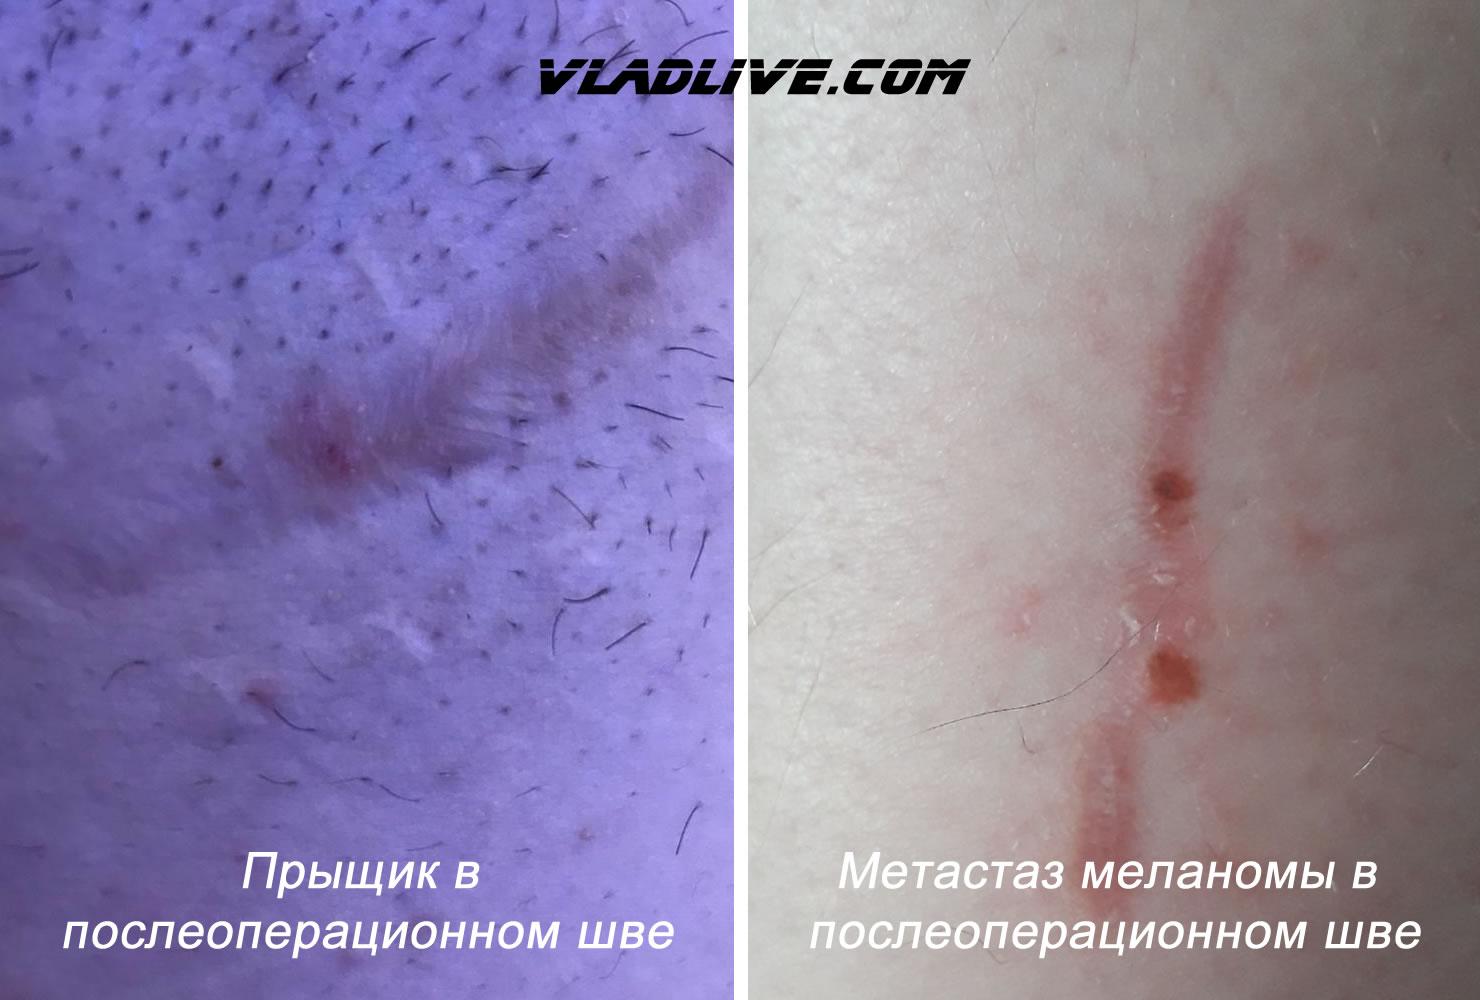 Метастаз меланомы и прыщик